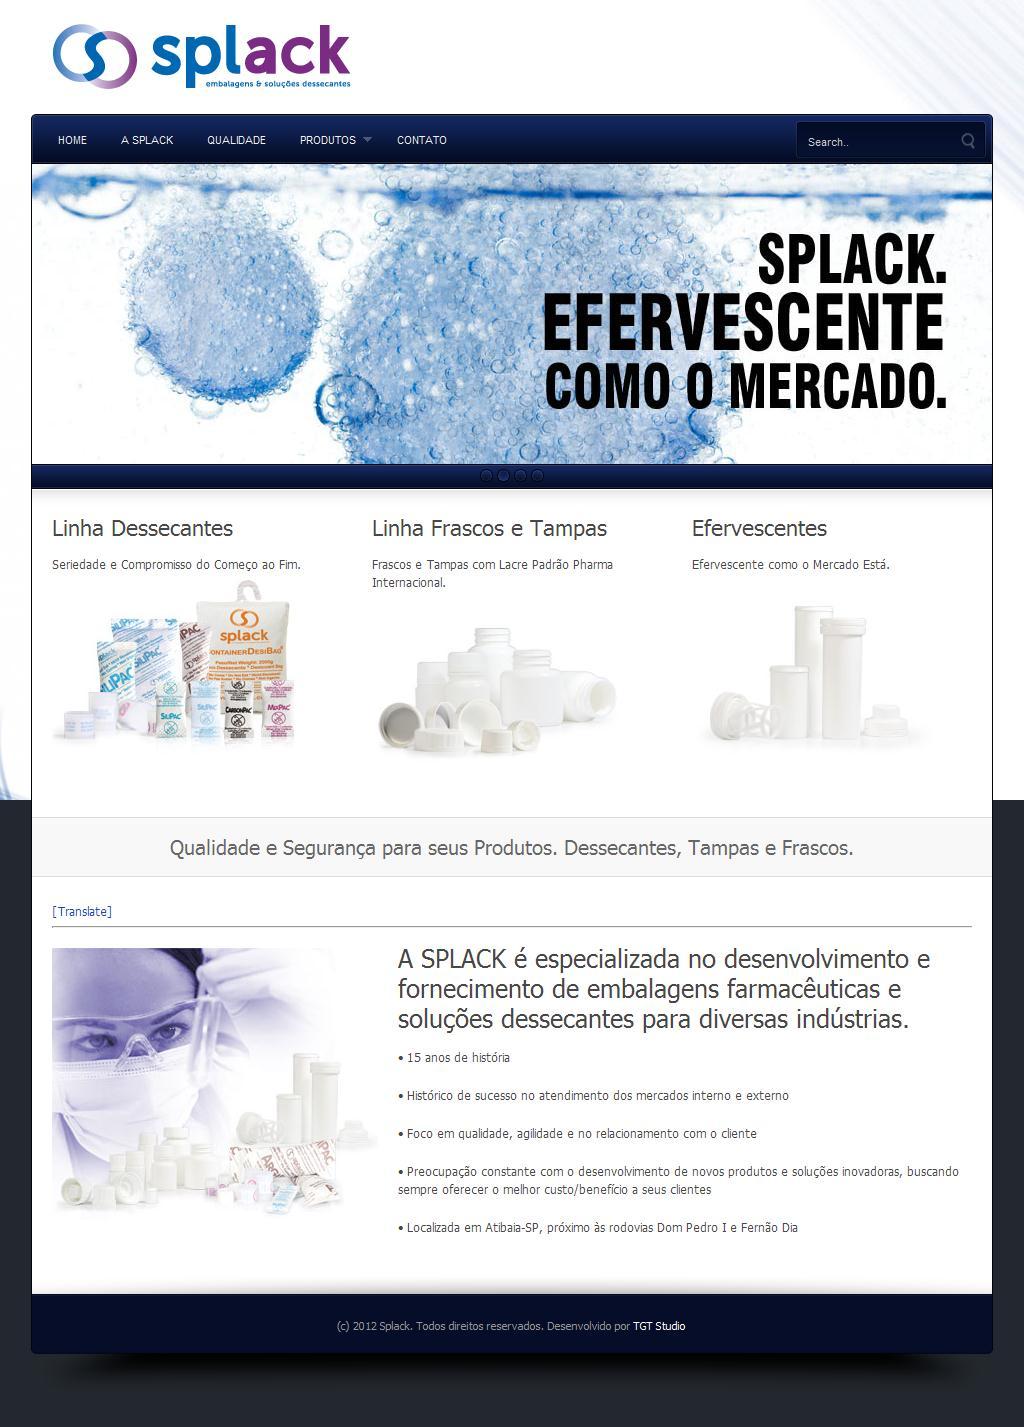 Splack | Embalagens e Soluções Dessecantes